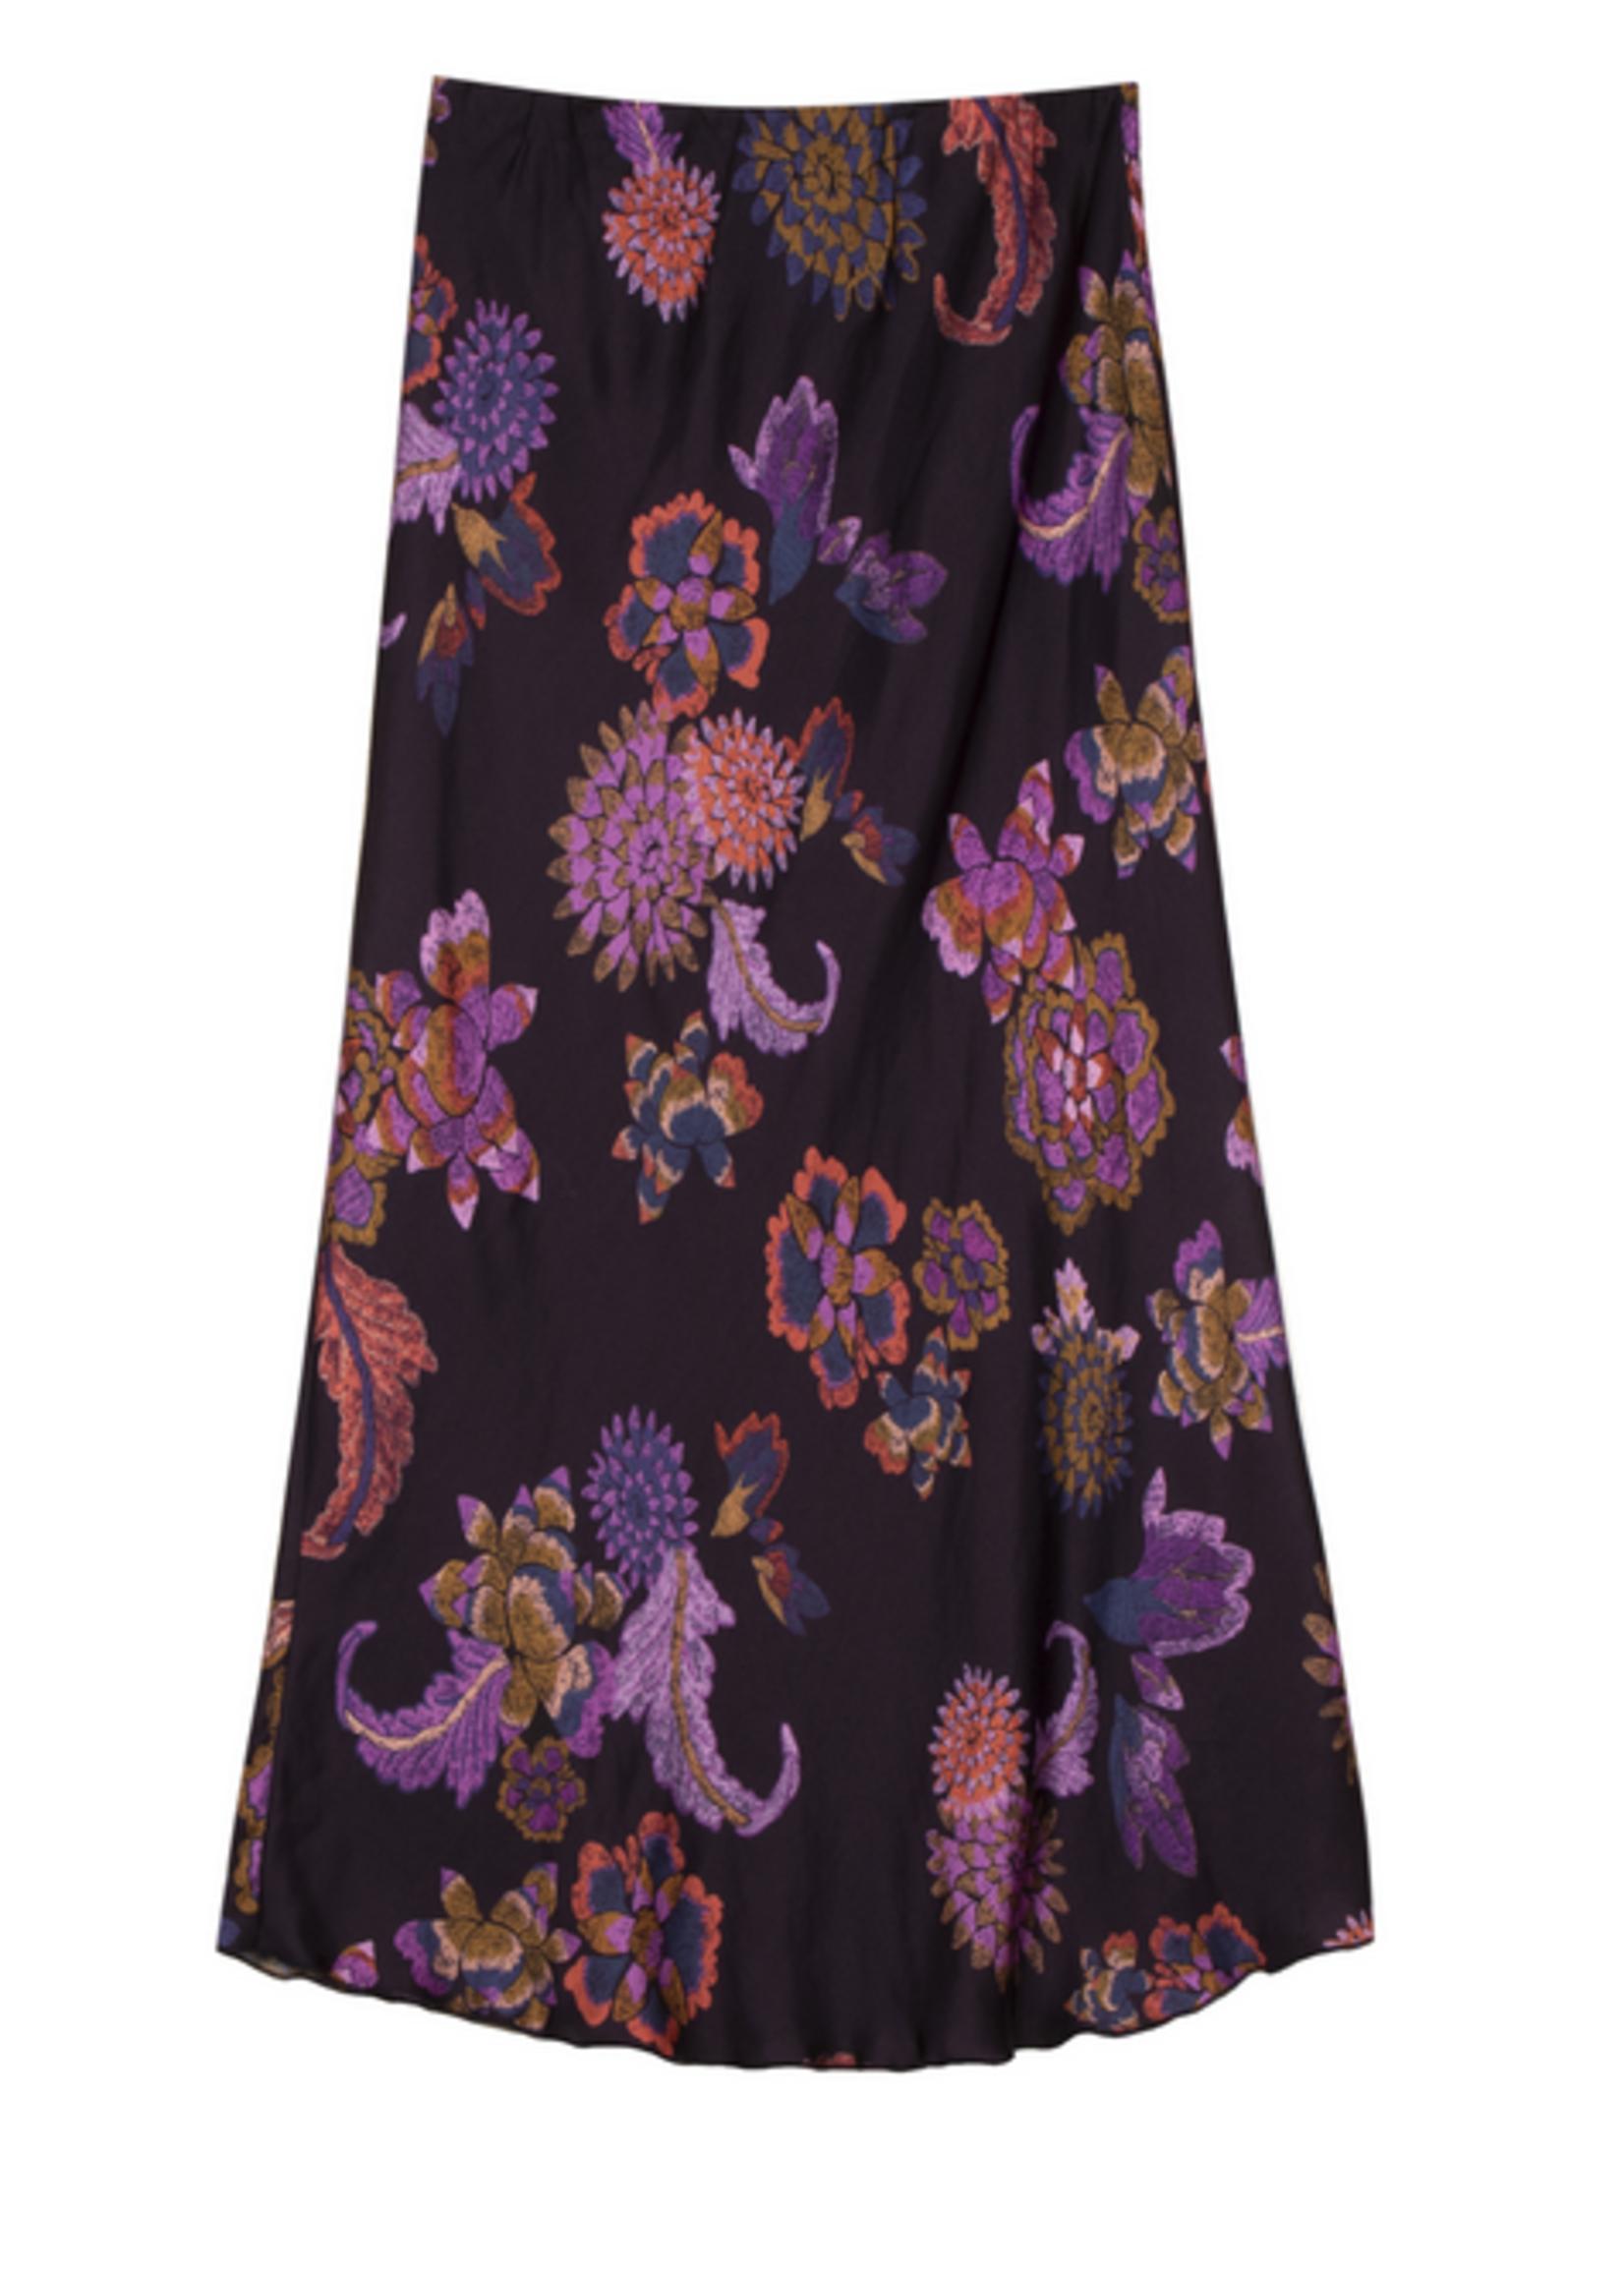 Elitaire Boutique Edelyne Retro Floral Skirt